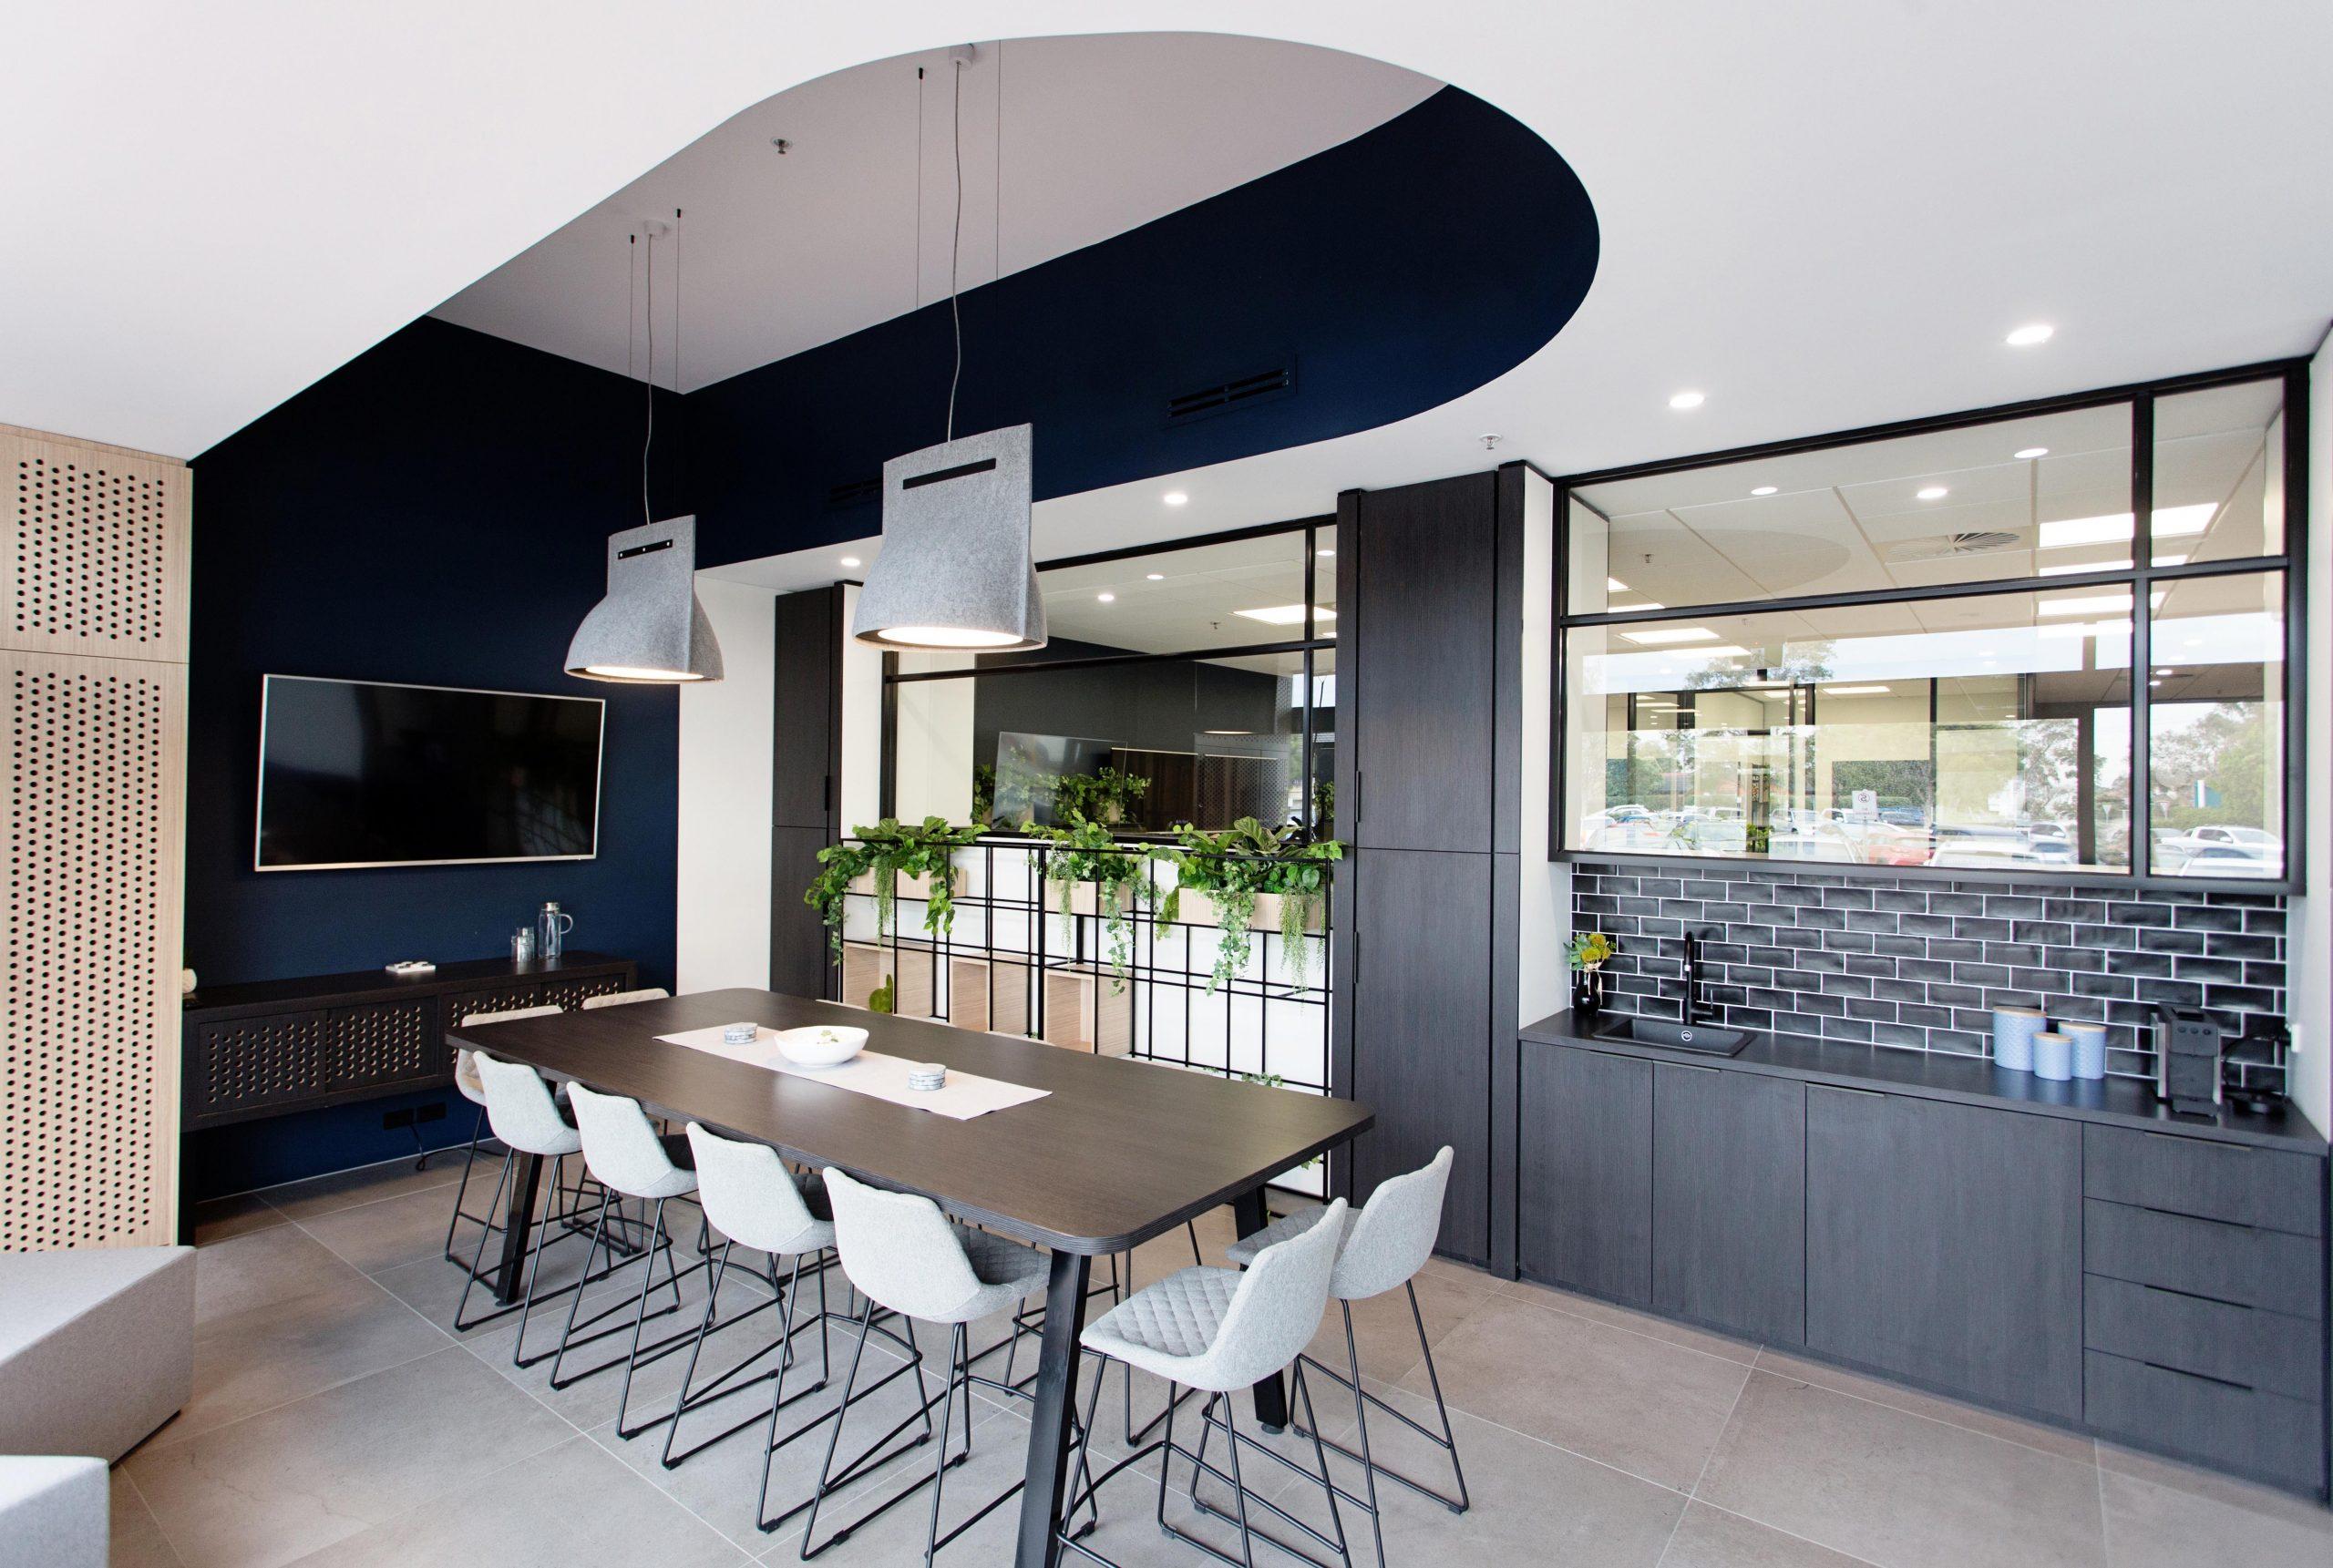 OBrien real estate agents Keysborough